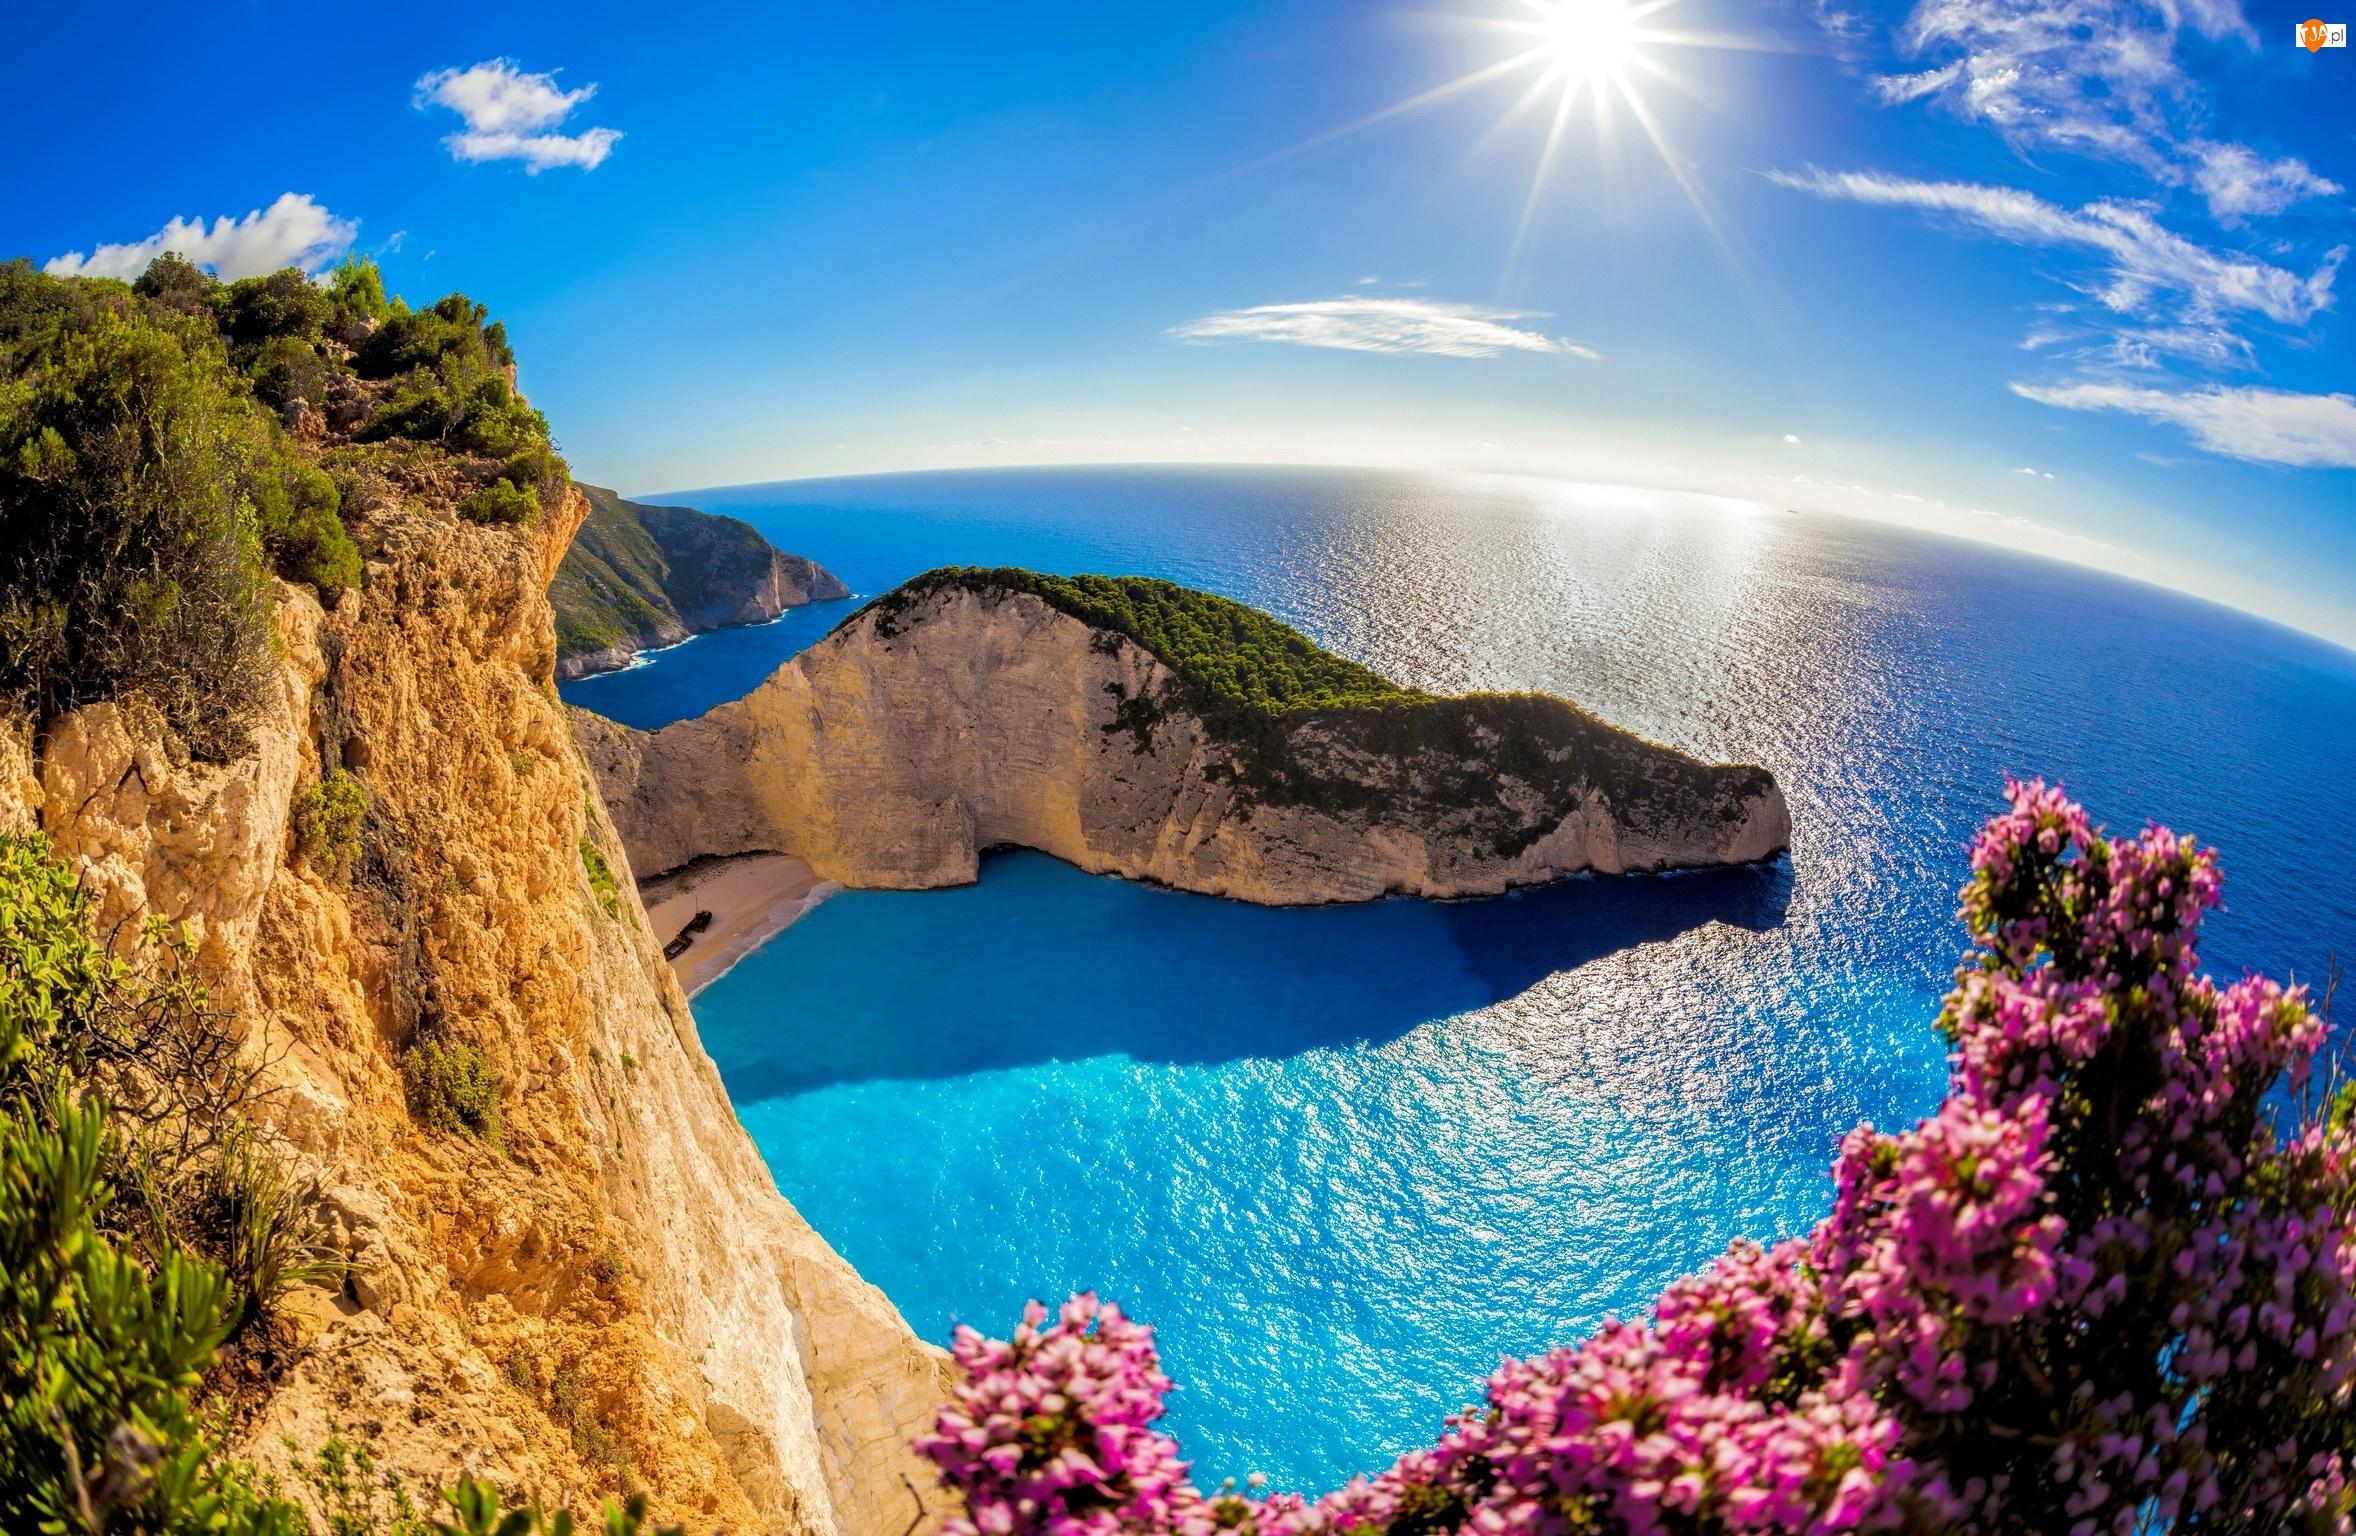 Słońce, Grecja, Plaża Nawajo, Wyspa Zakintos, Morze